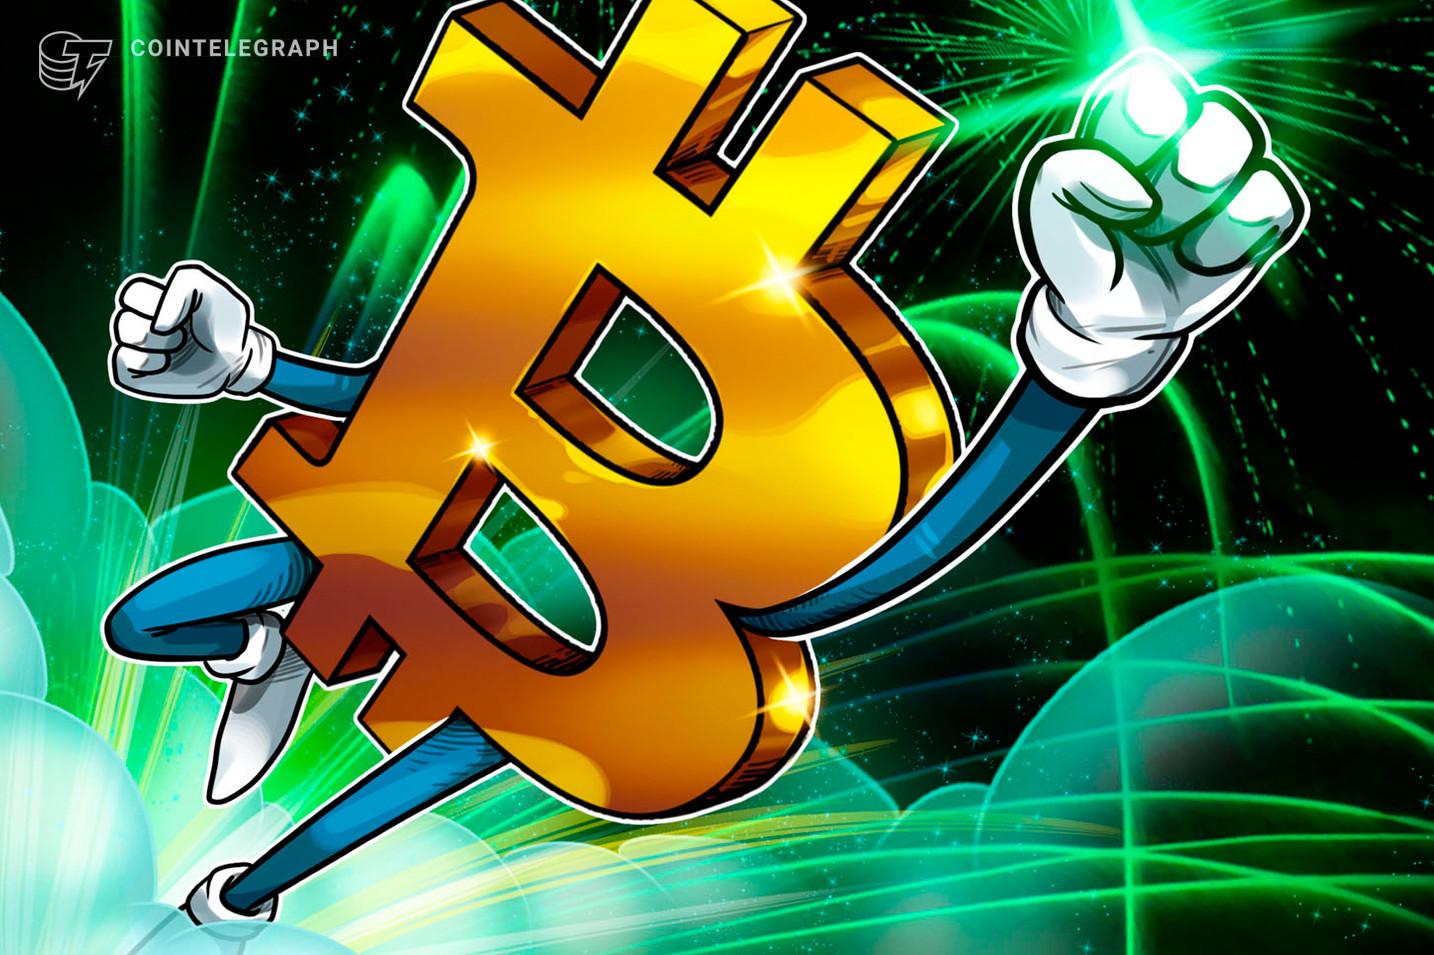 Trader que acertou previsão também disse que 'após desvalorização, Bitcoin vai saltar para US$ 50.000'